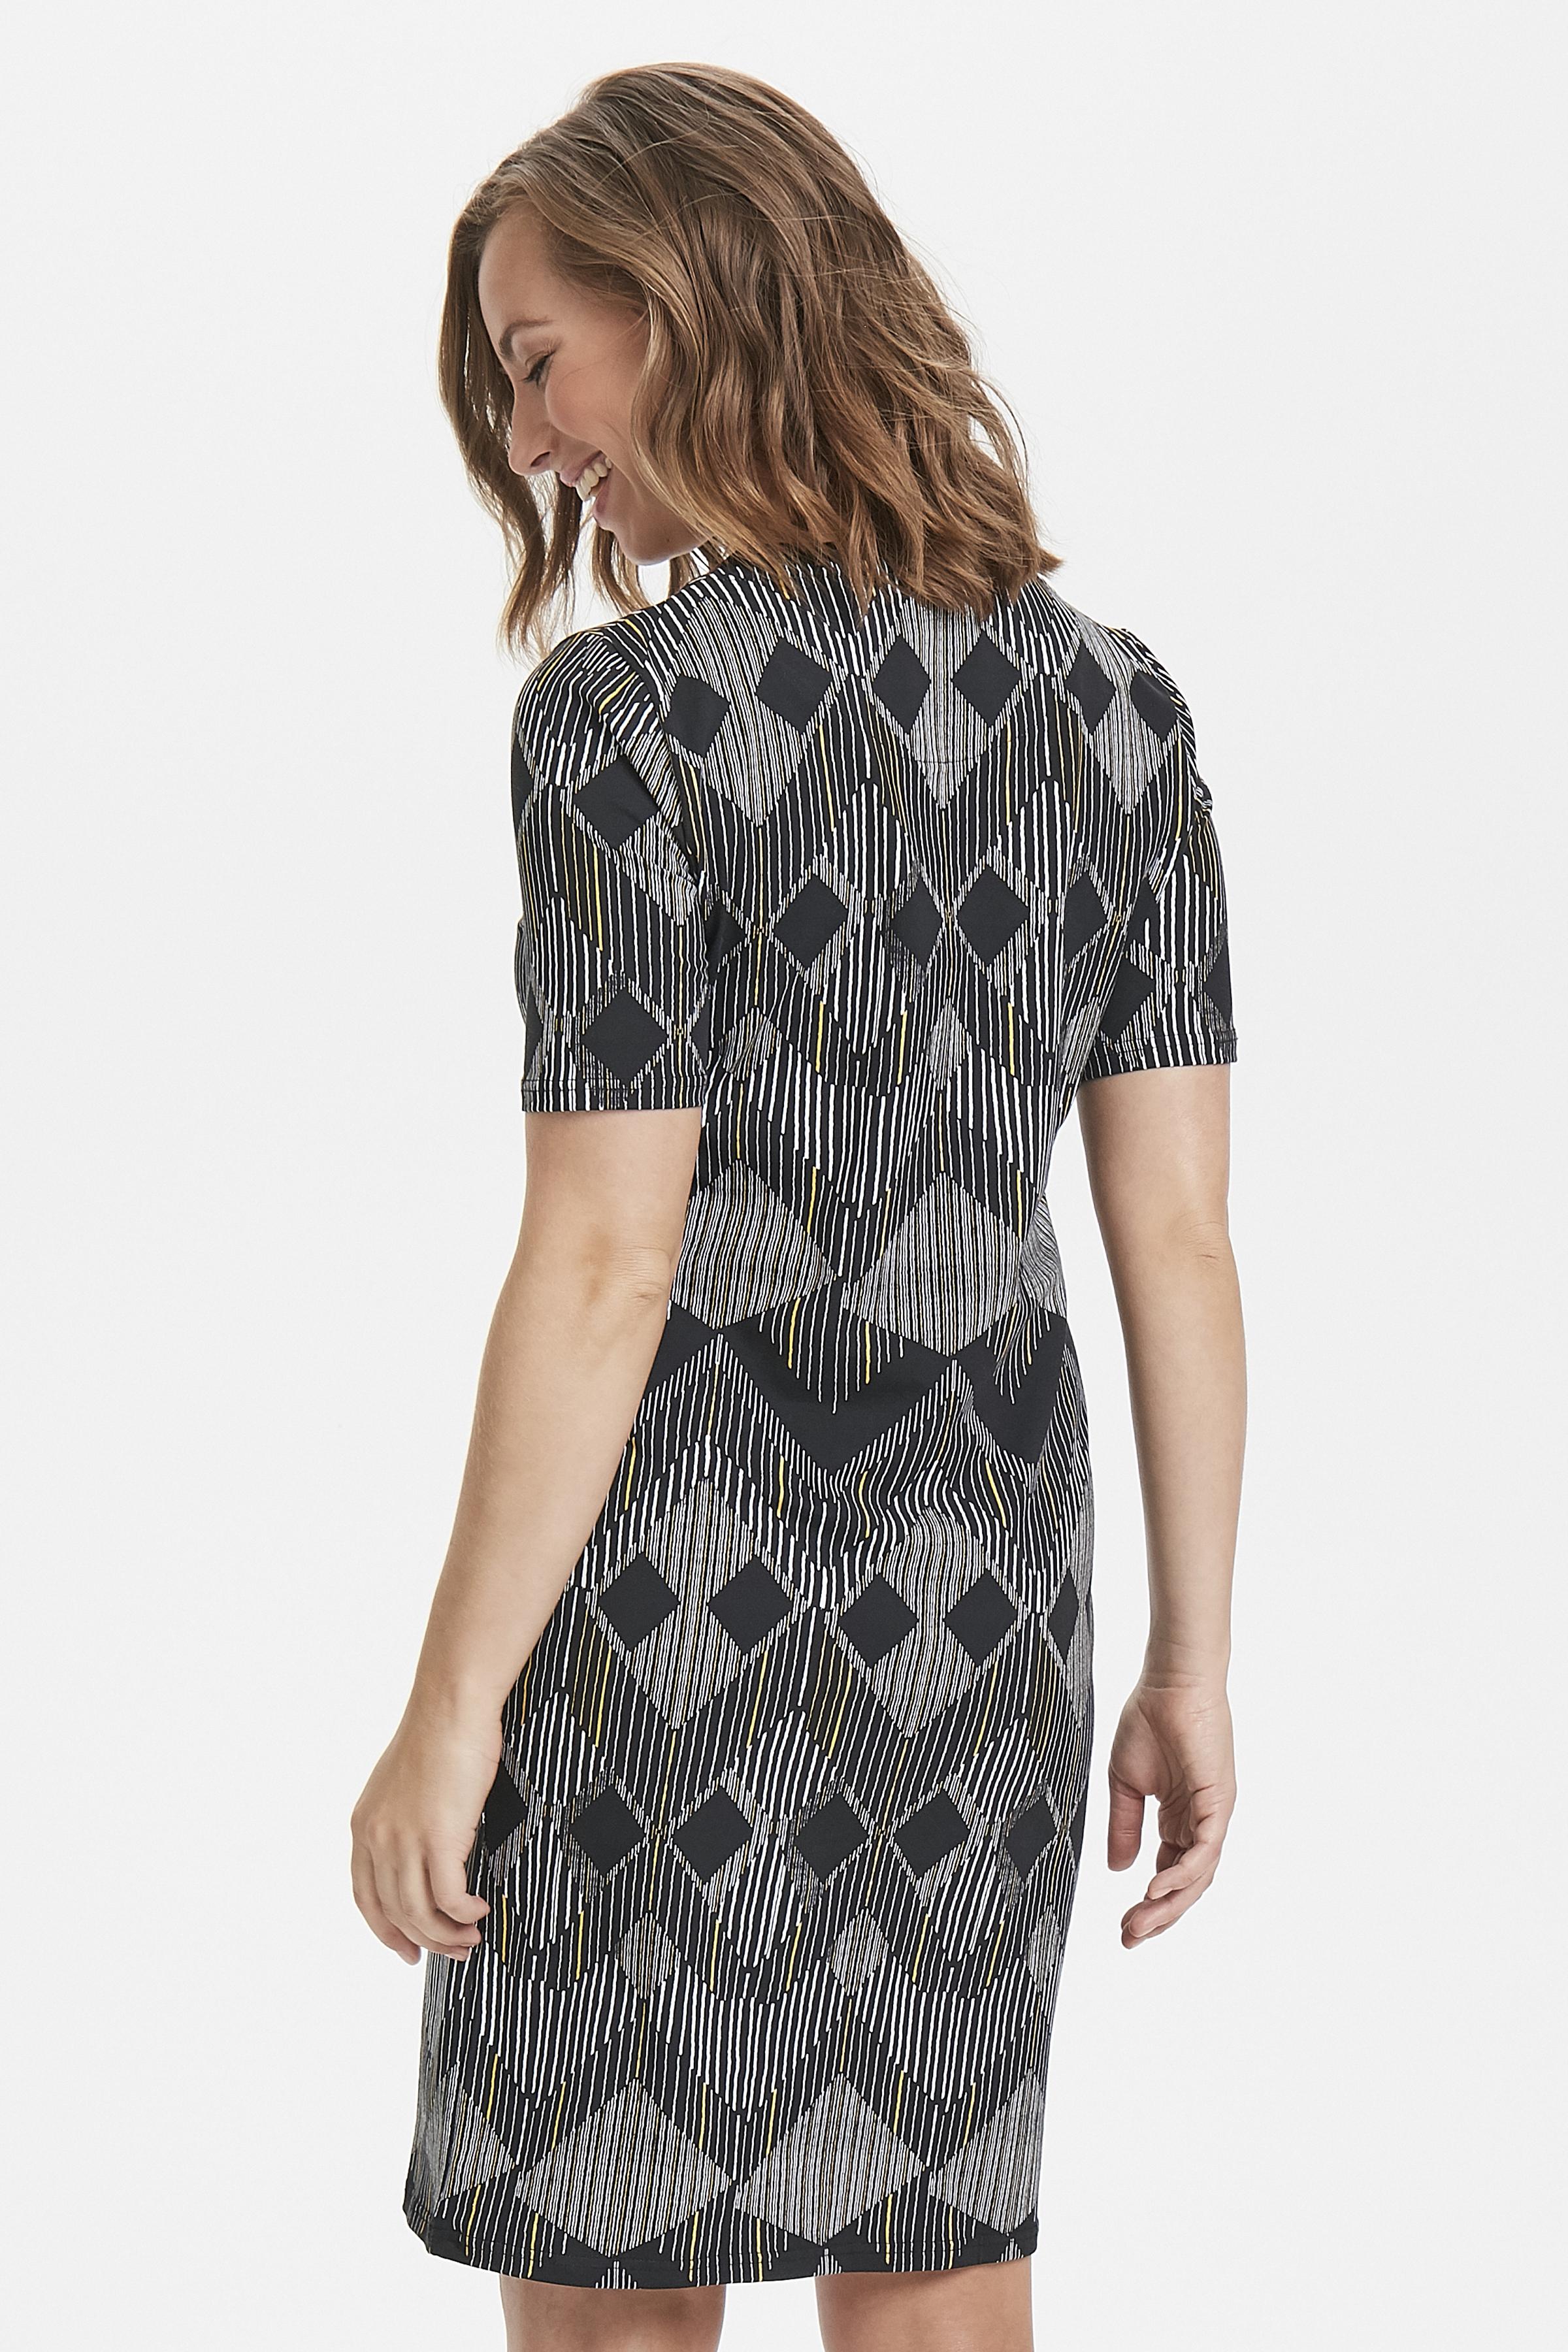 Schwarz/hellgelb Kleid von Bon'A Parte – Shoppen Sie Schwarz/hellgelb Kleid ab Gr. S-2XL hier